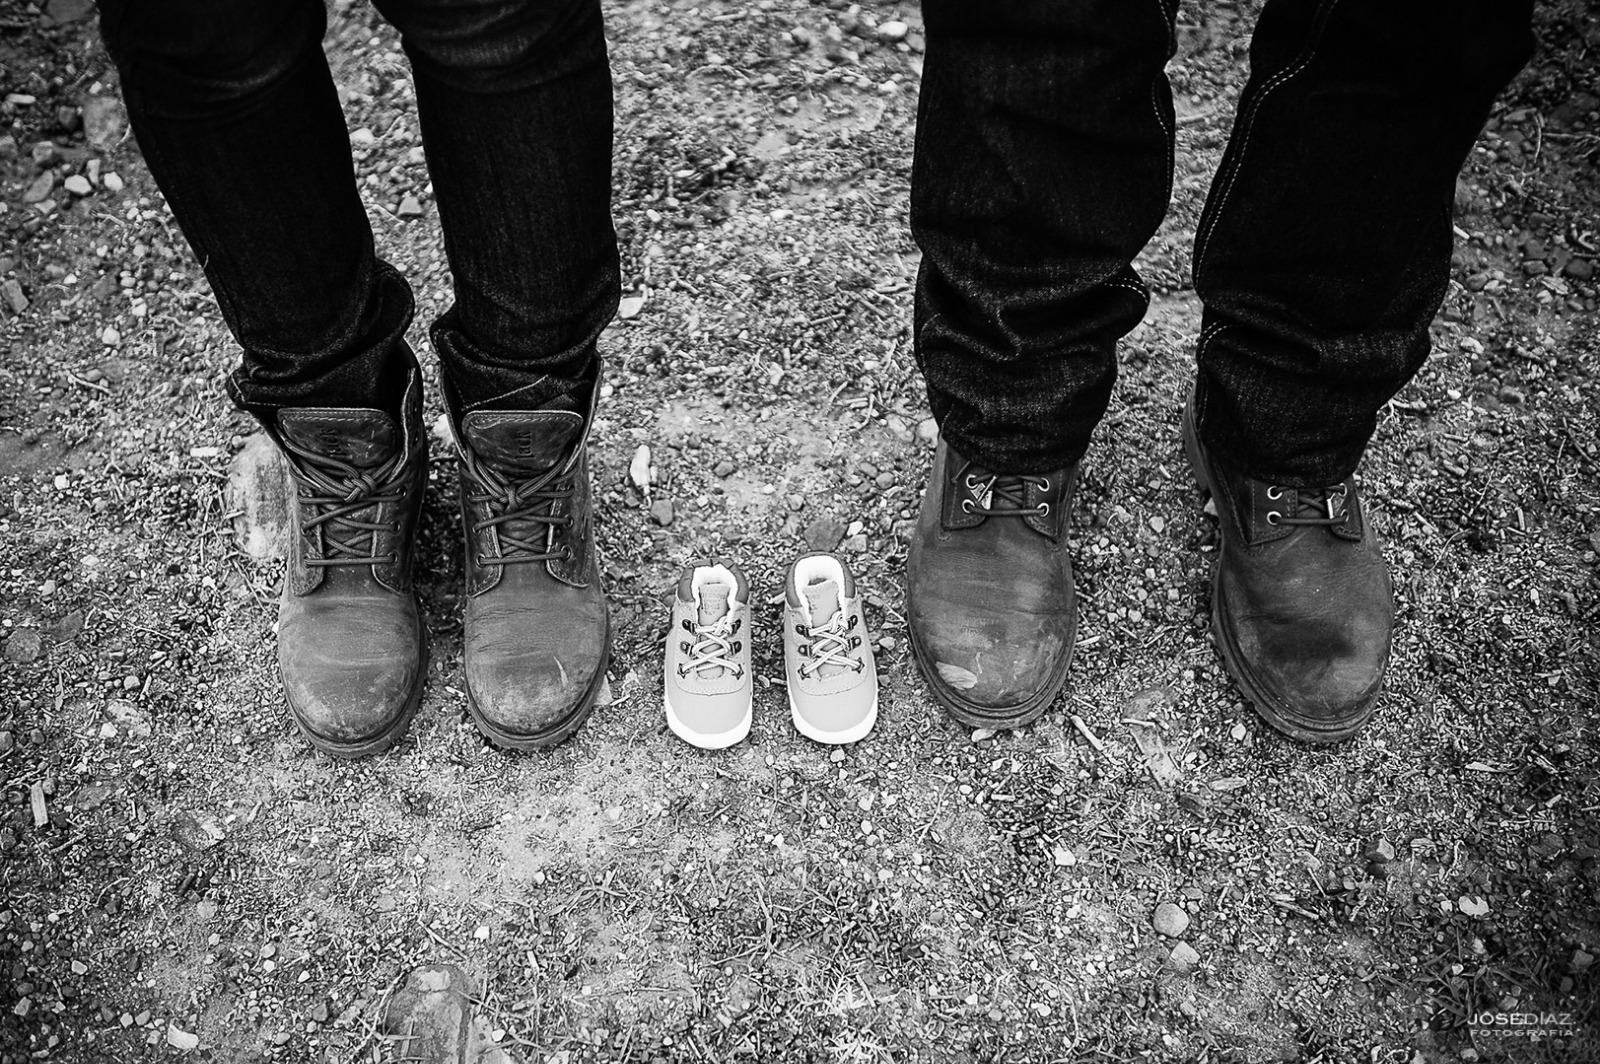 zapatos de bebé, pies, fotos reportaje premamá, fotografías de familia